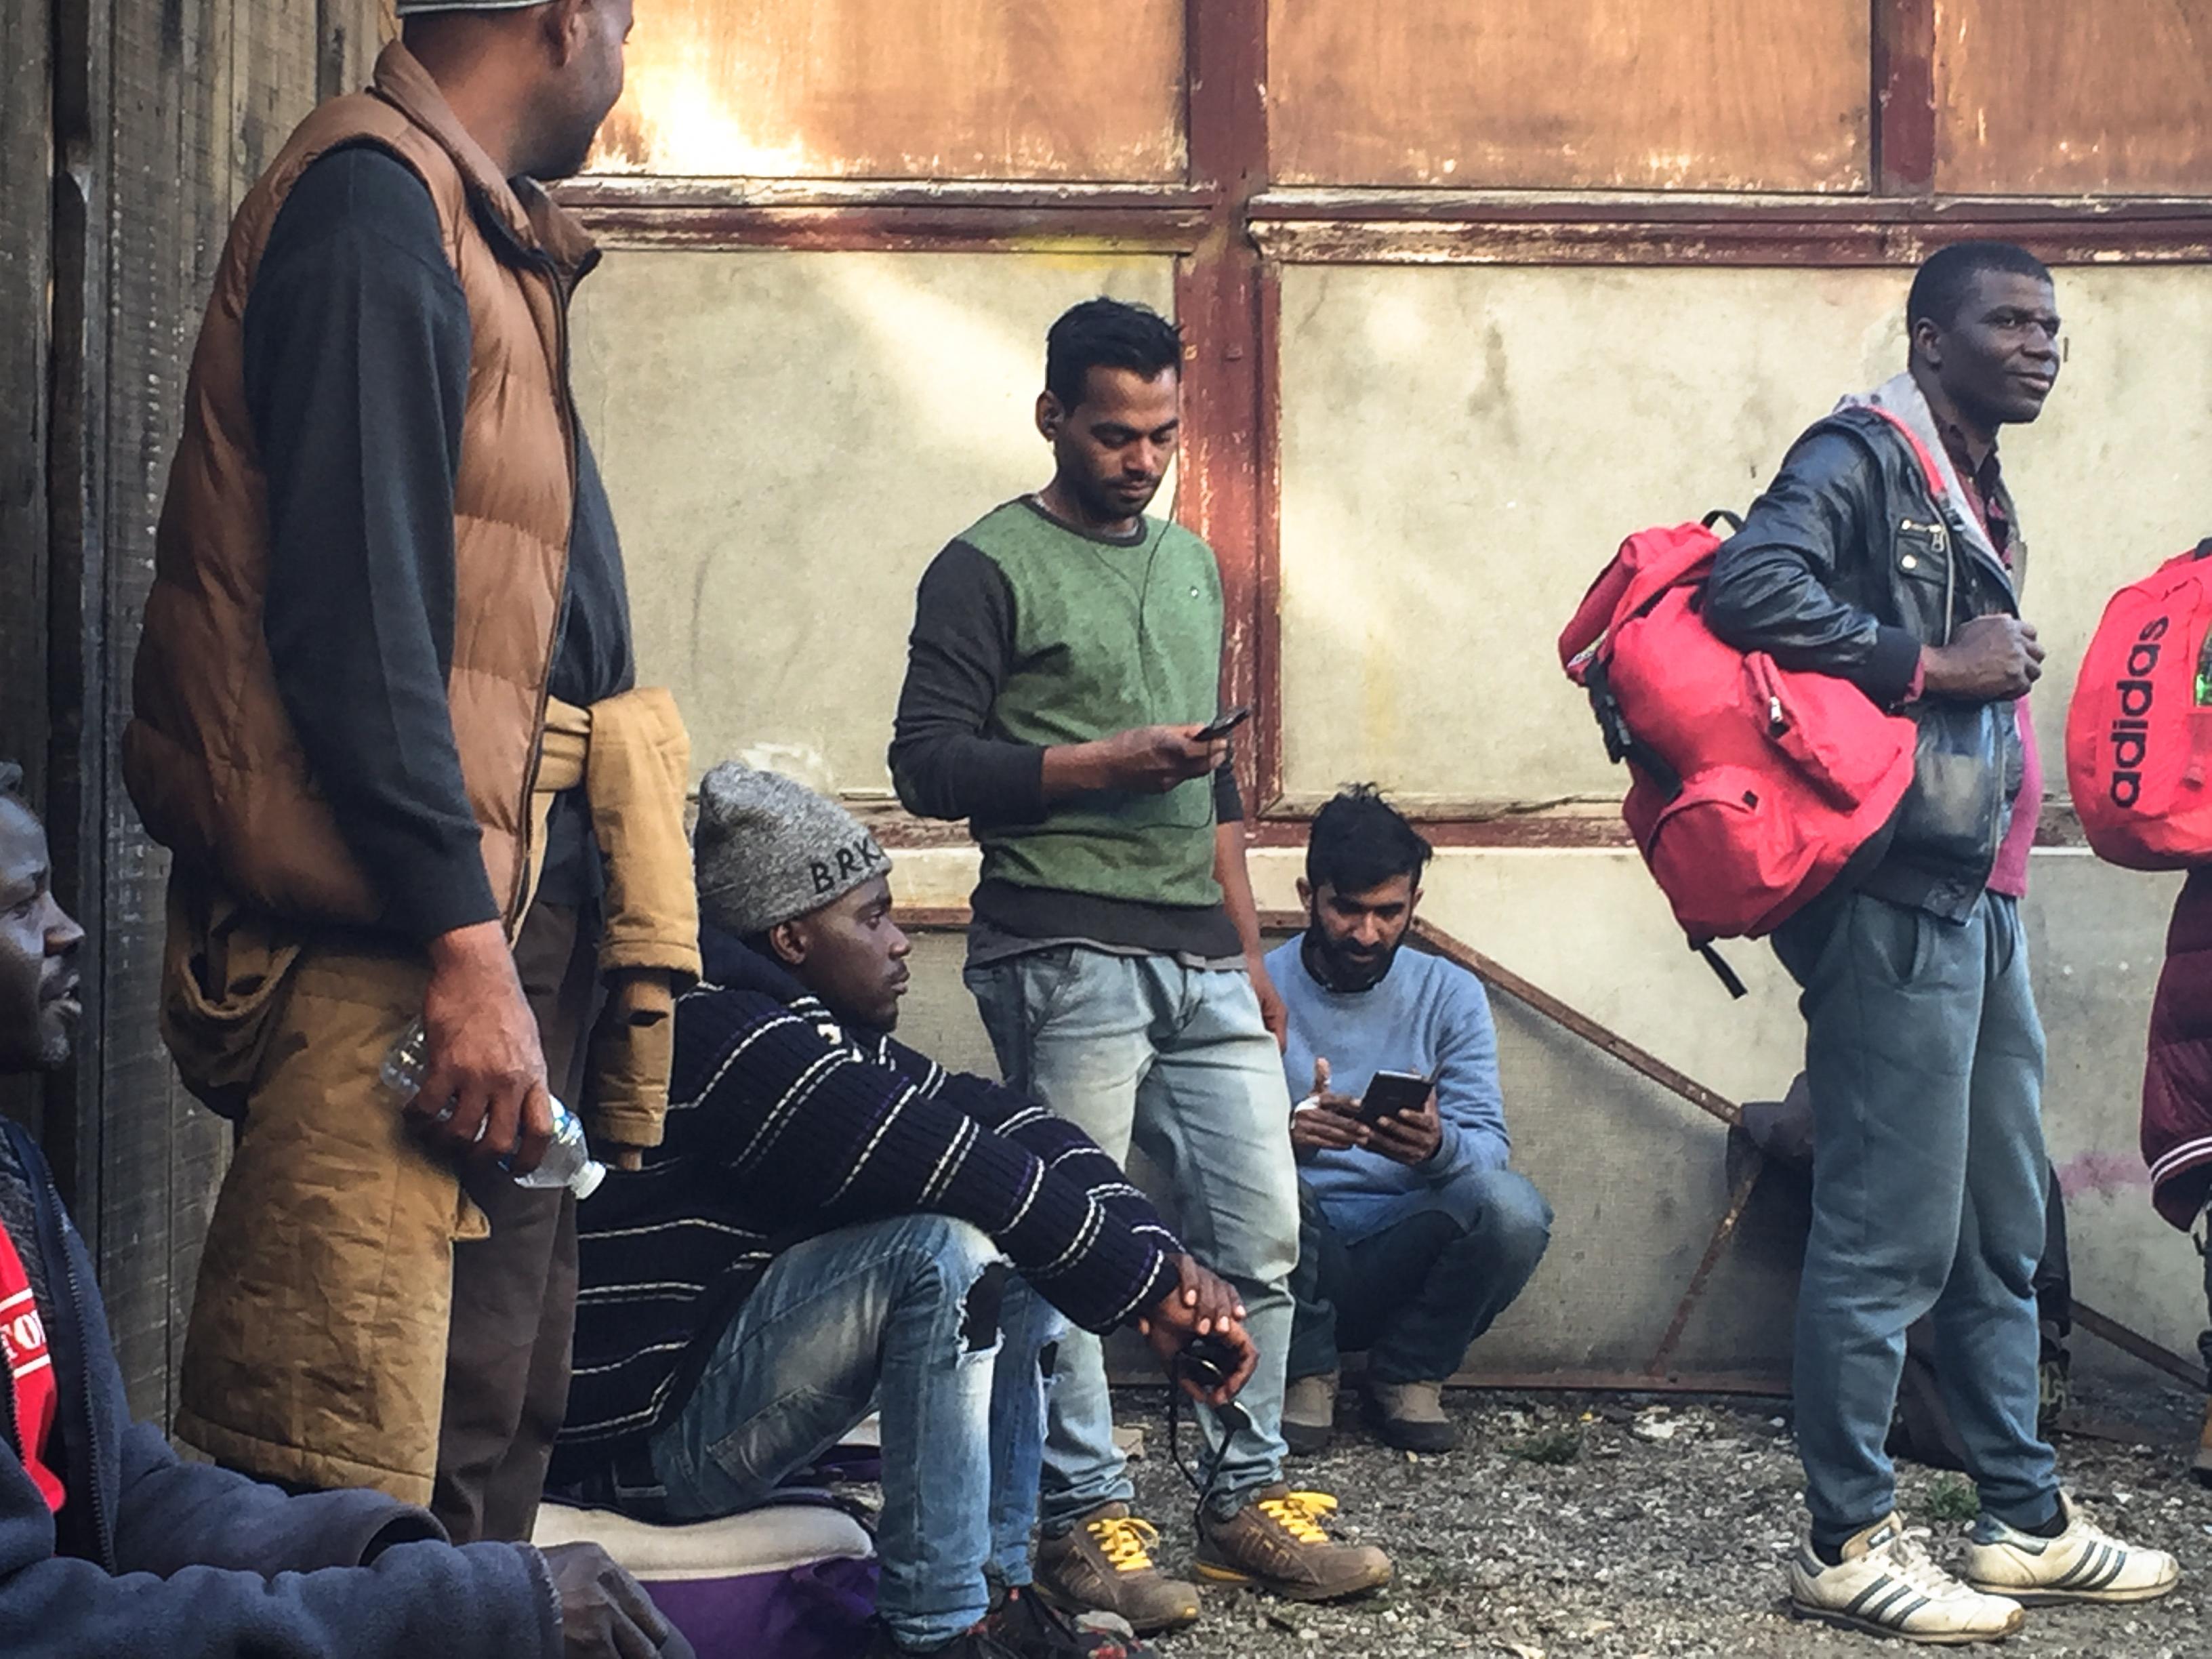 au-pied-du-mur-FIGRA_2019|autrement-vu